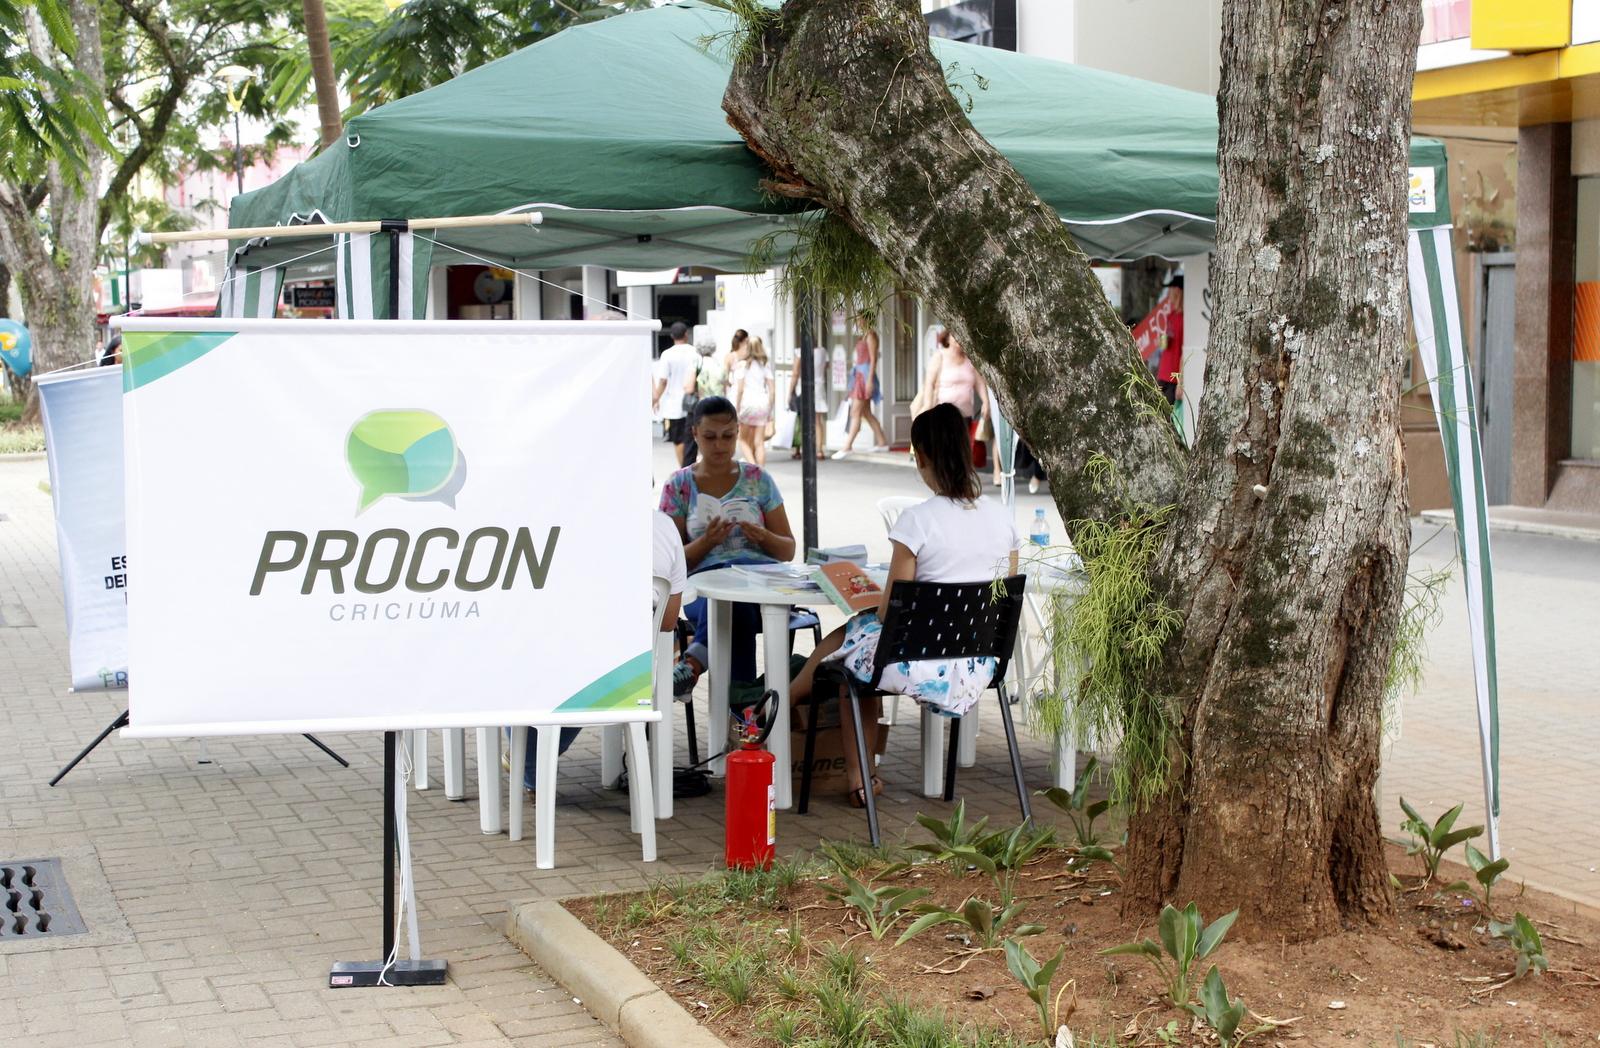 Procon_atende_consumidores_na_Praca_Nereu_Ramos_Foto_de_Jhulian_Pereira_1.JPG